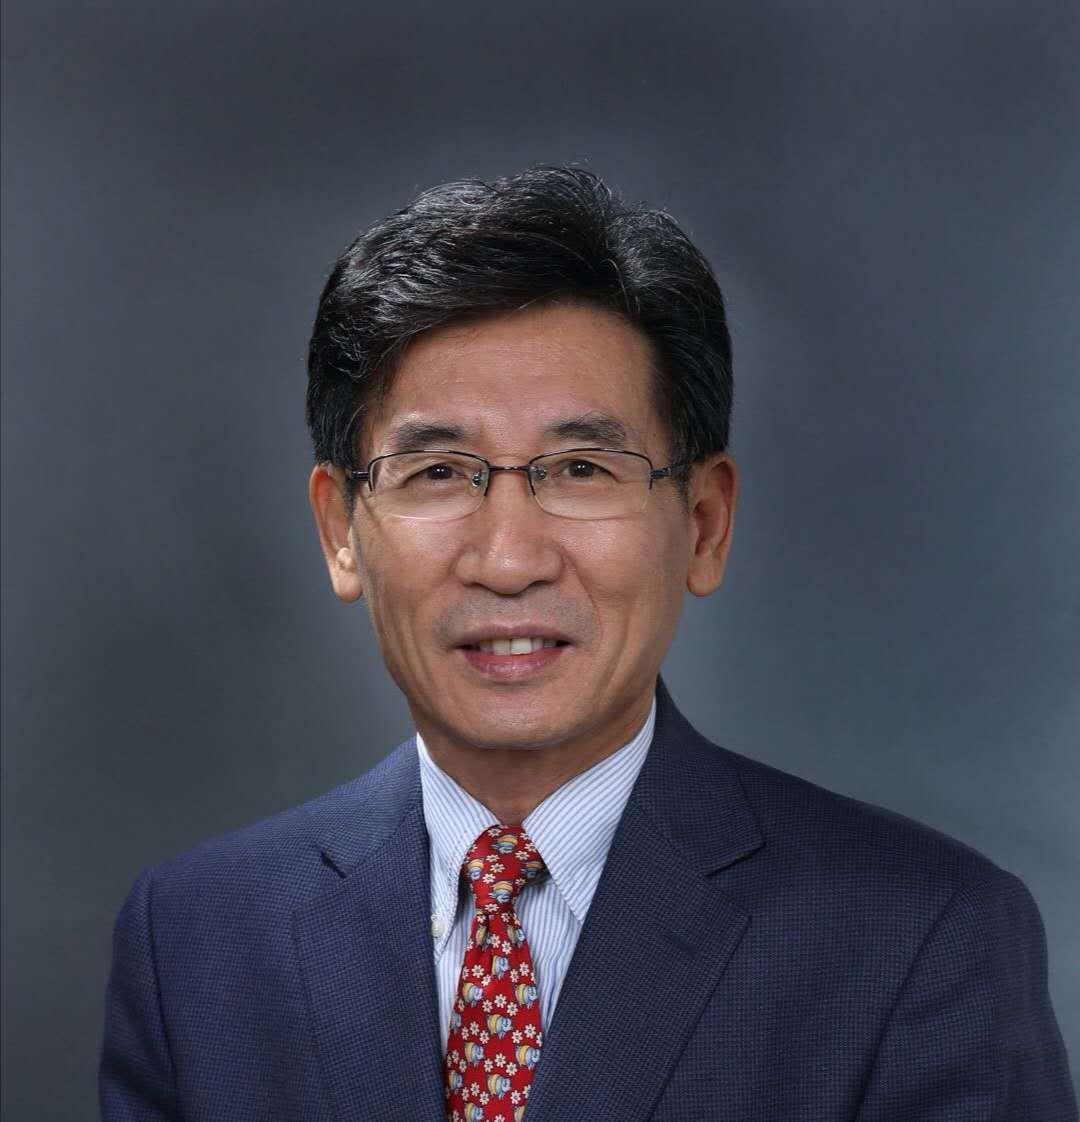 新京报快讯(记者 北京清华大学副校长薛